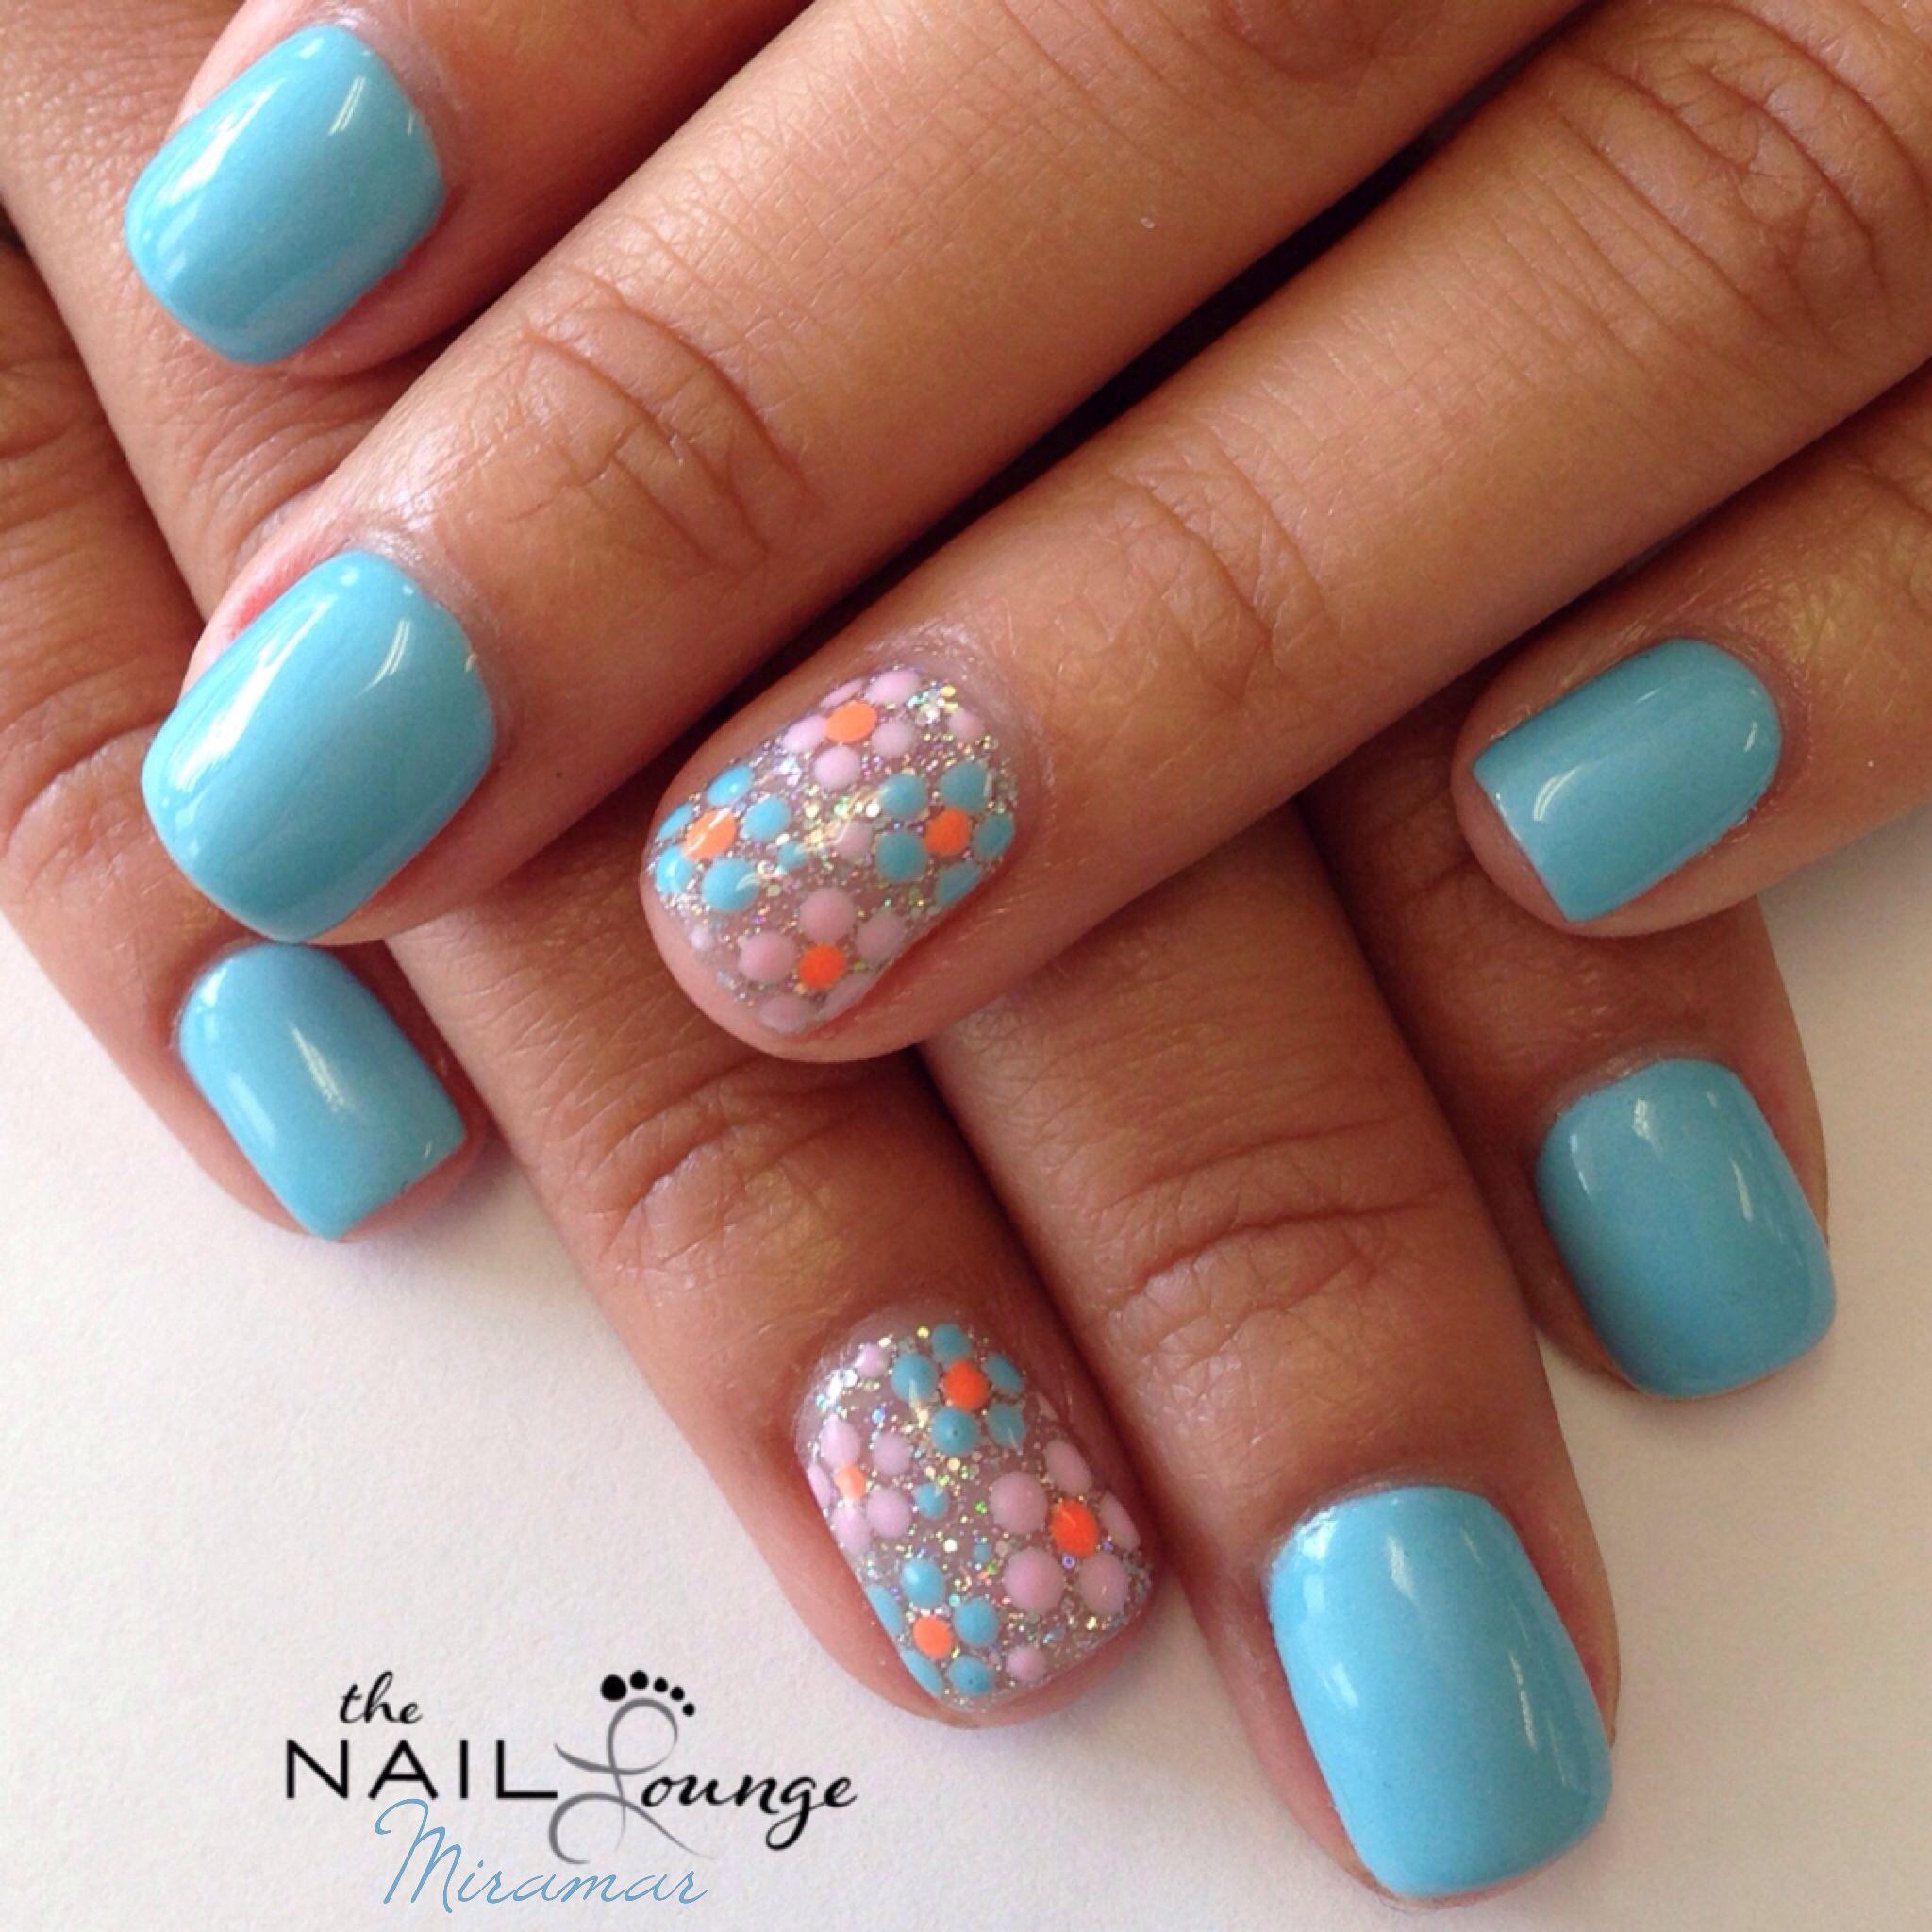 Spring Gel Nail Art Design Nails Cute